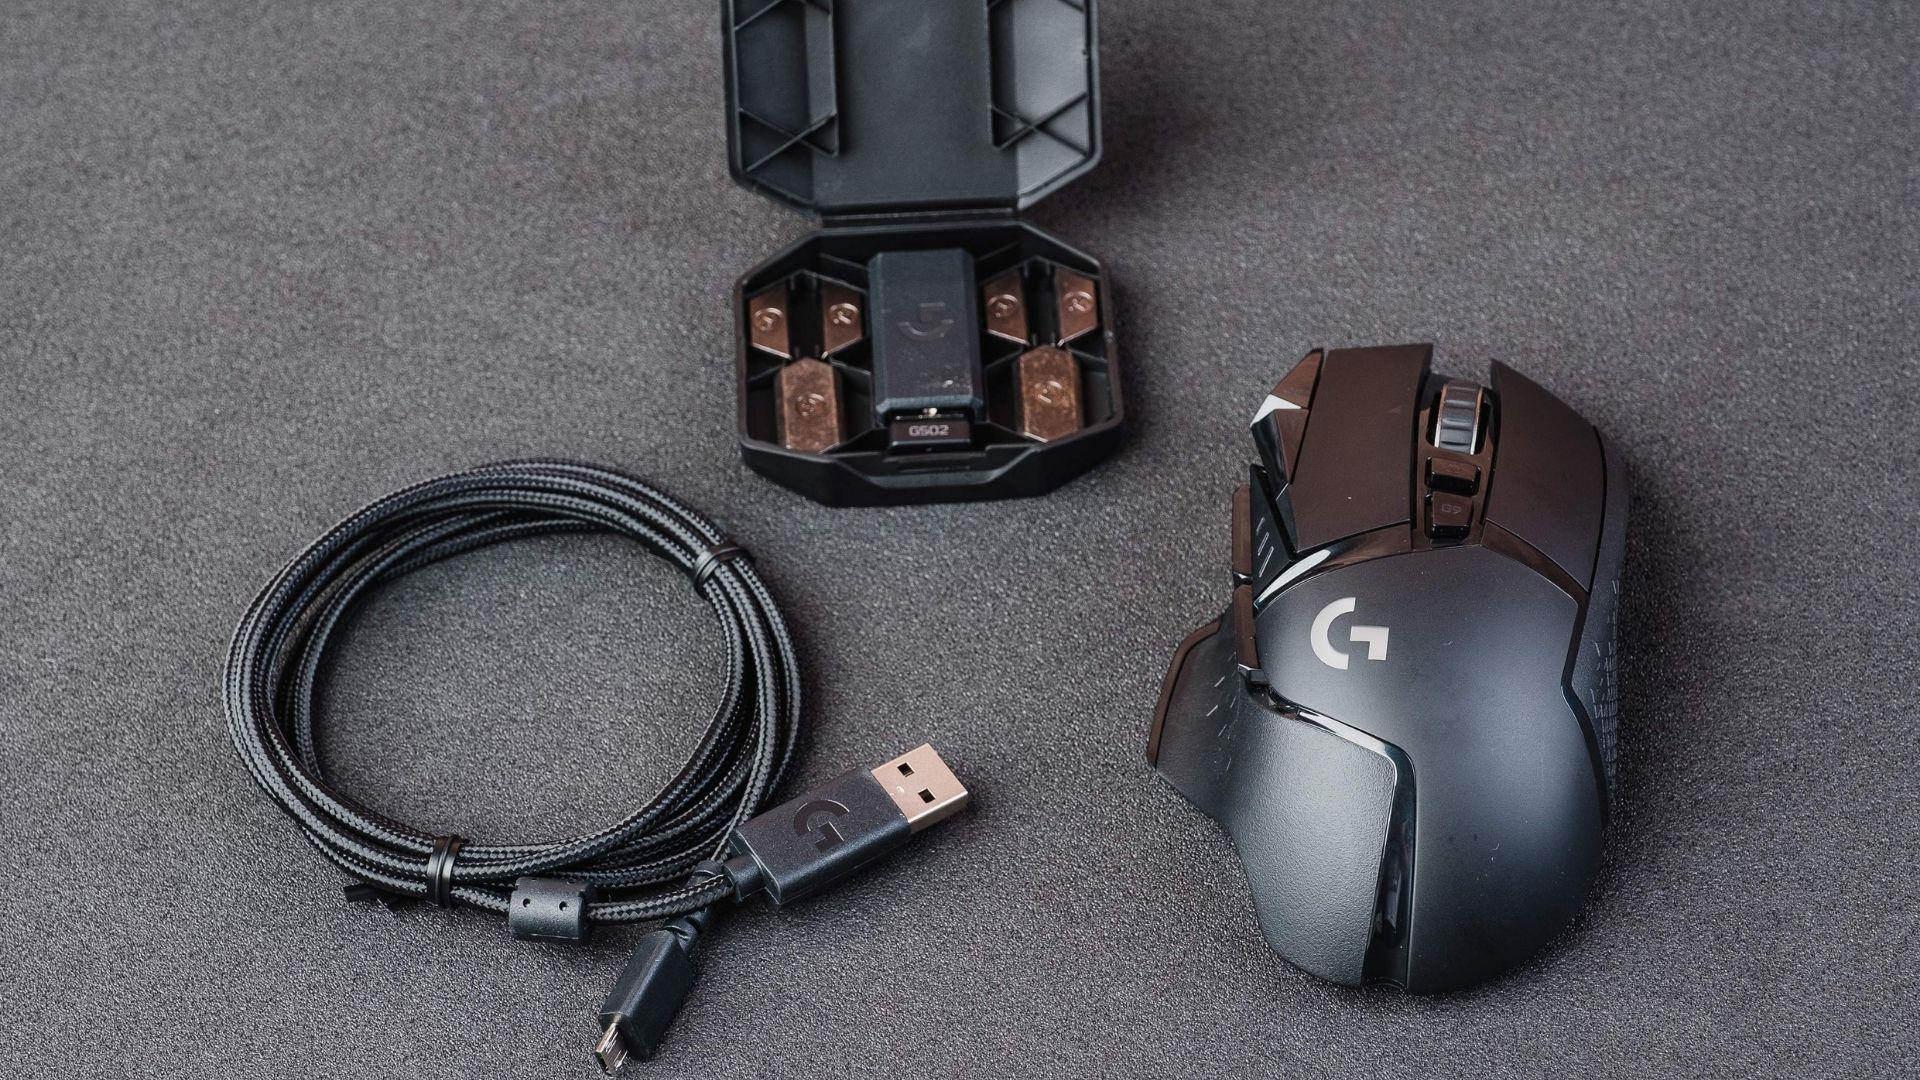 Cabo USB que se liga diretamente ao mouse ou ao sensor, caixinha com sensor e pesos e o próprio mouse são o que vem na caixa (Foto: Zoom)